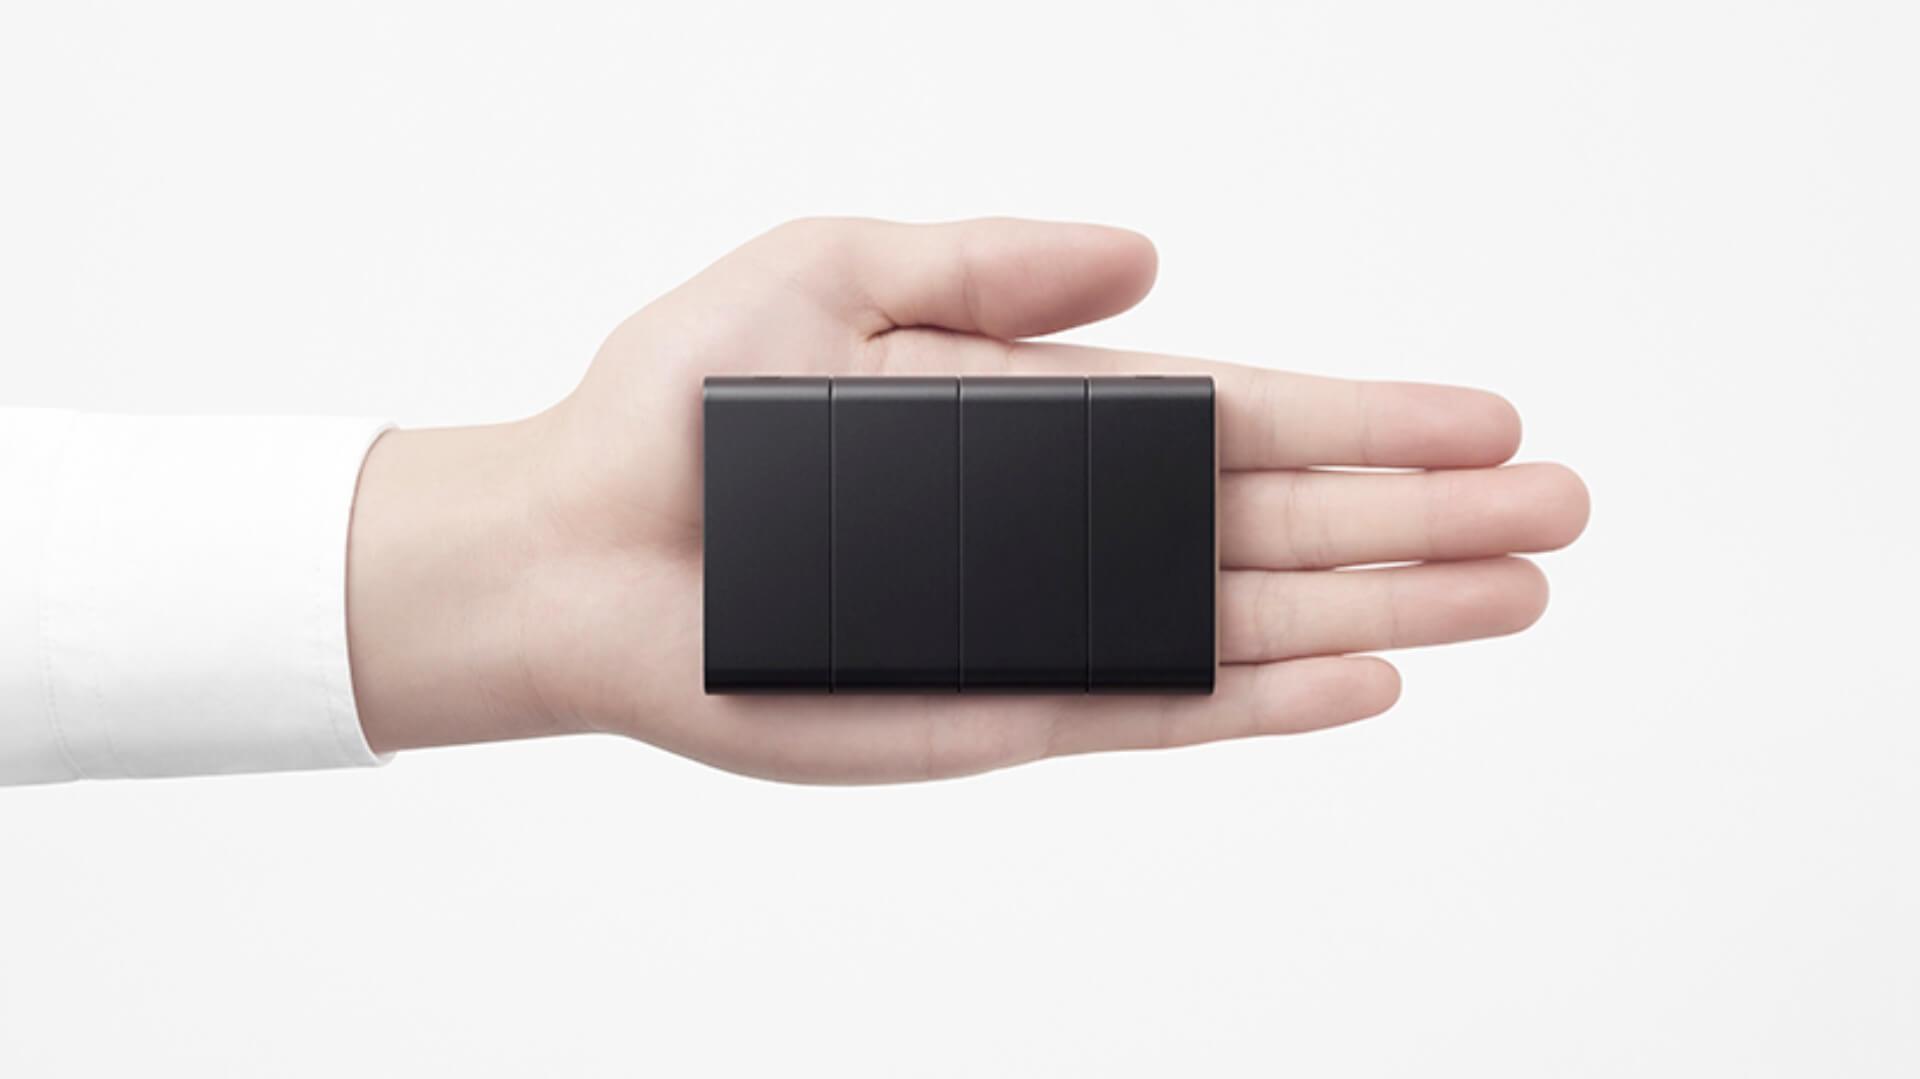 OPPO представила складной смартфон размером с кредитку